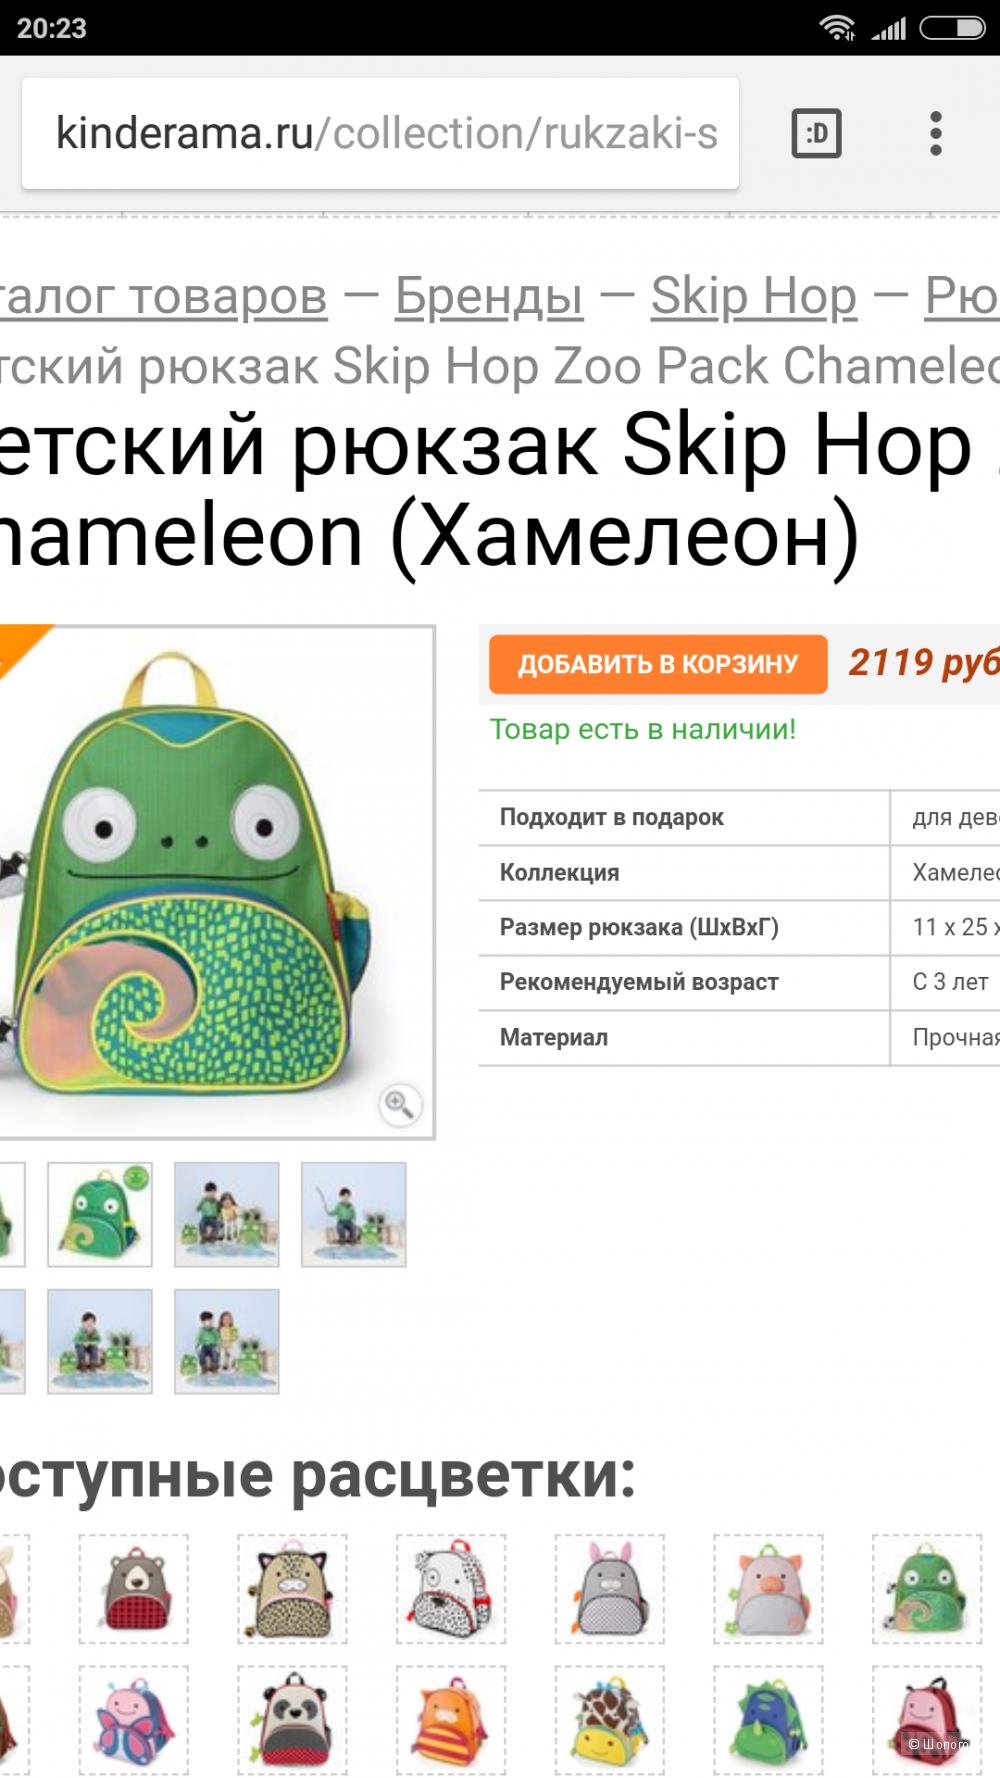 Рюкзак skip hop скип хоп